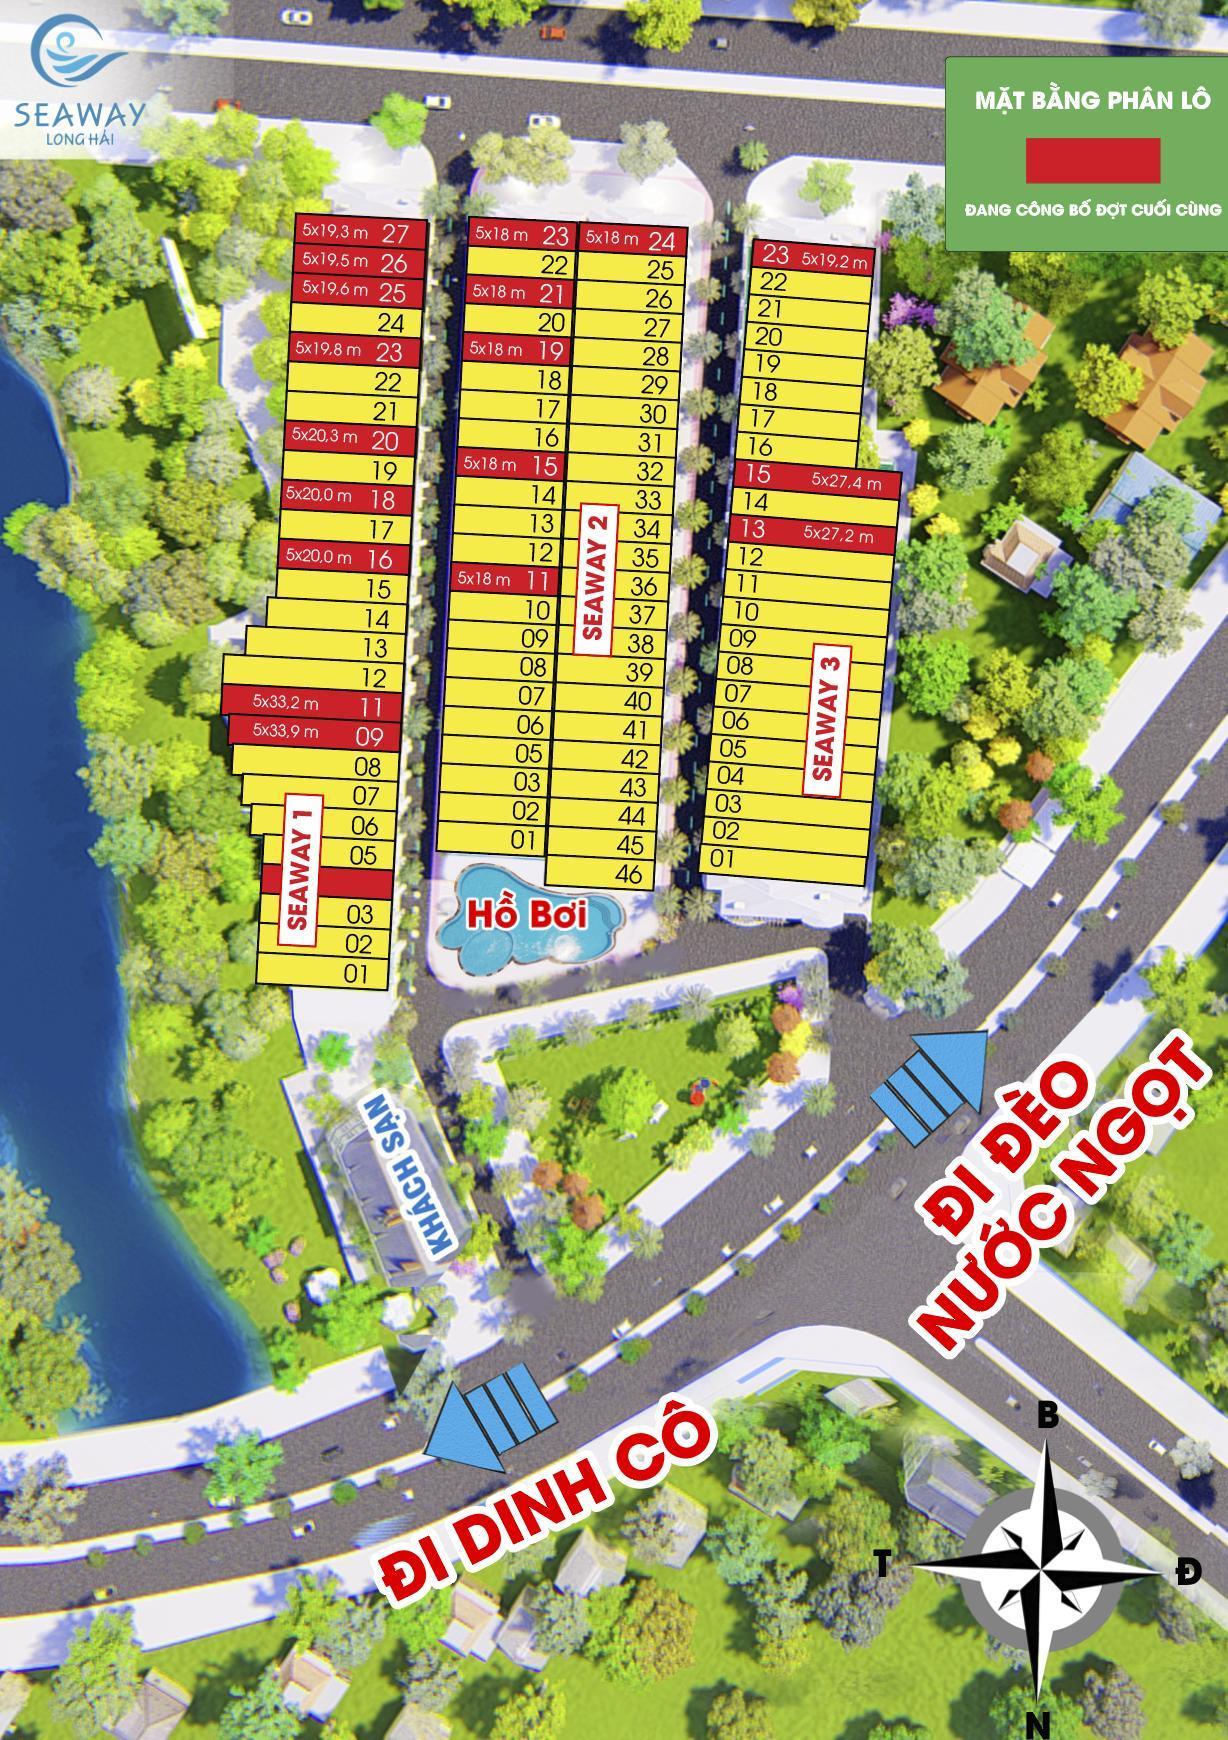 Seaway Long Hải Phố Vàng Thương Mại trên cung đường Resort - Ảnh 3